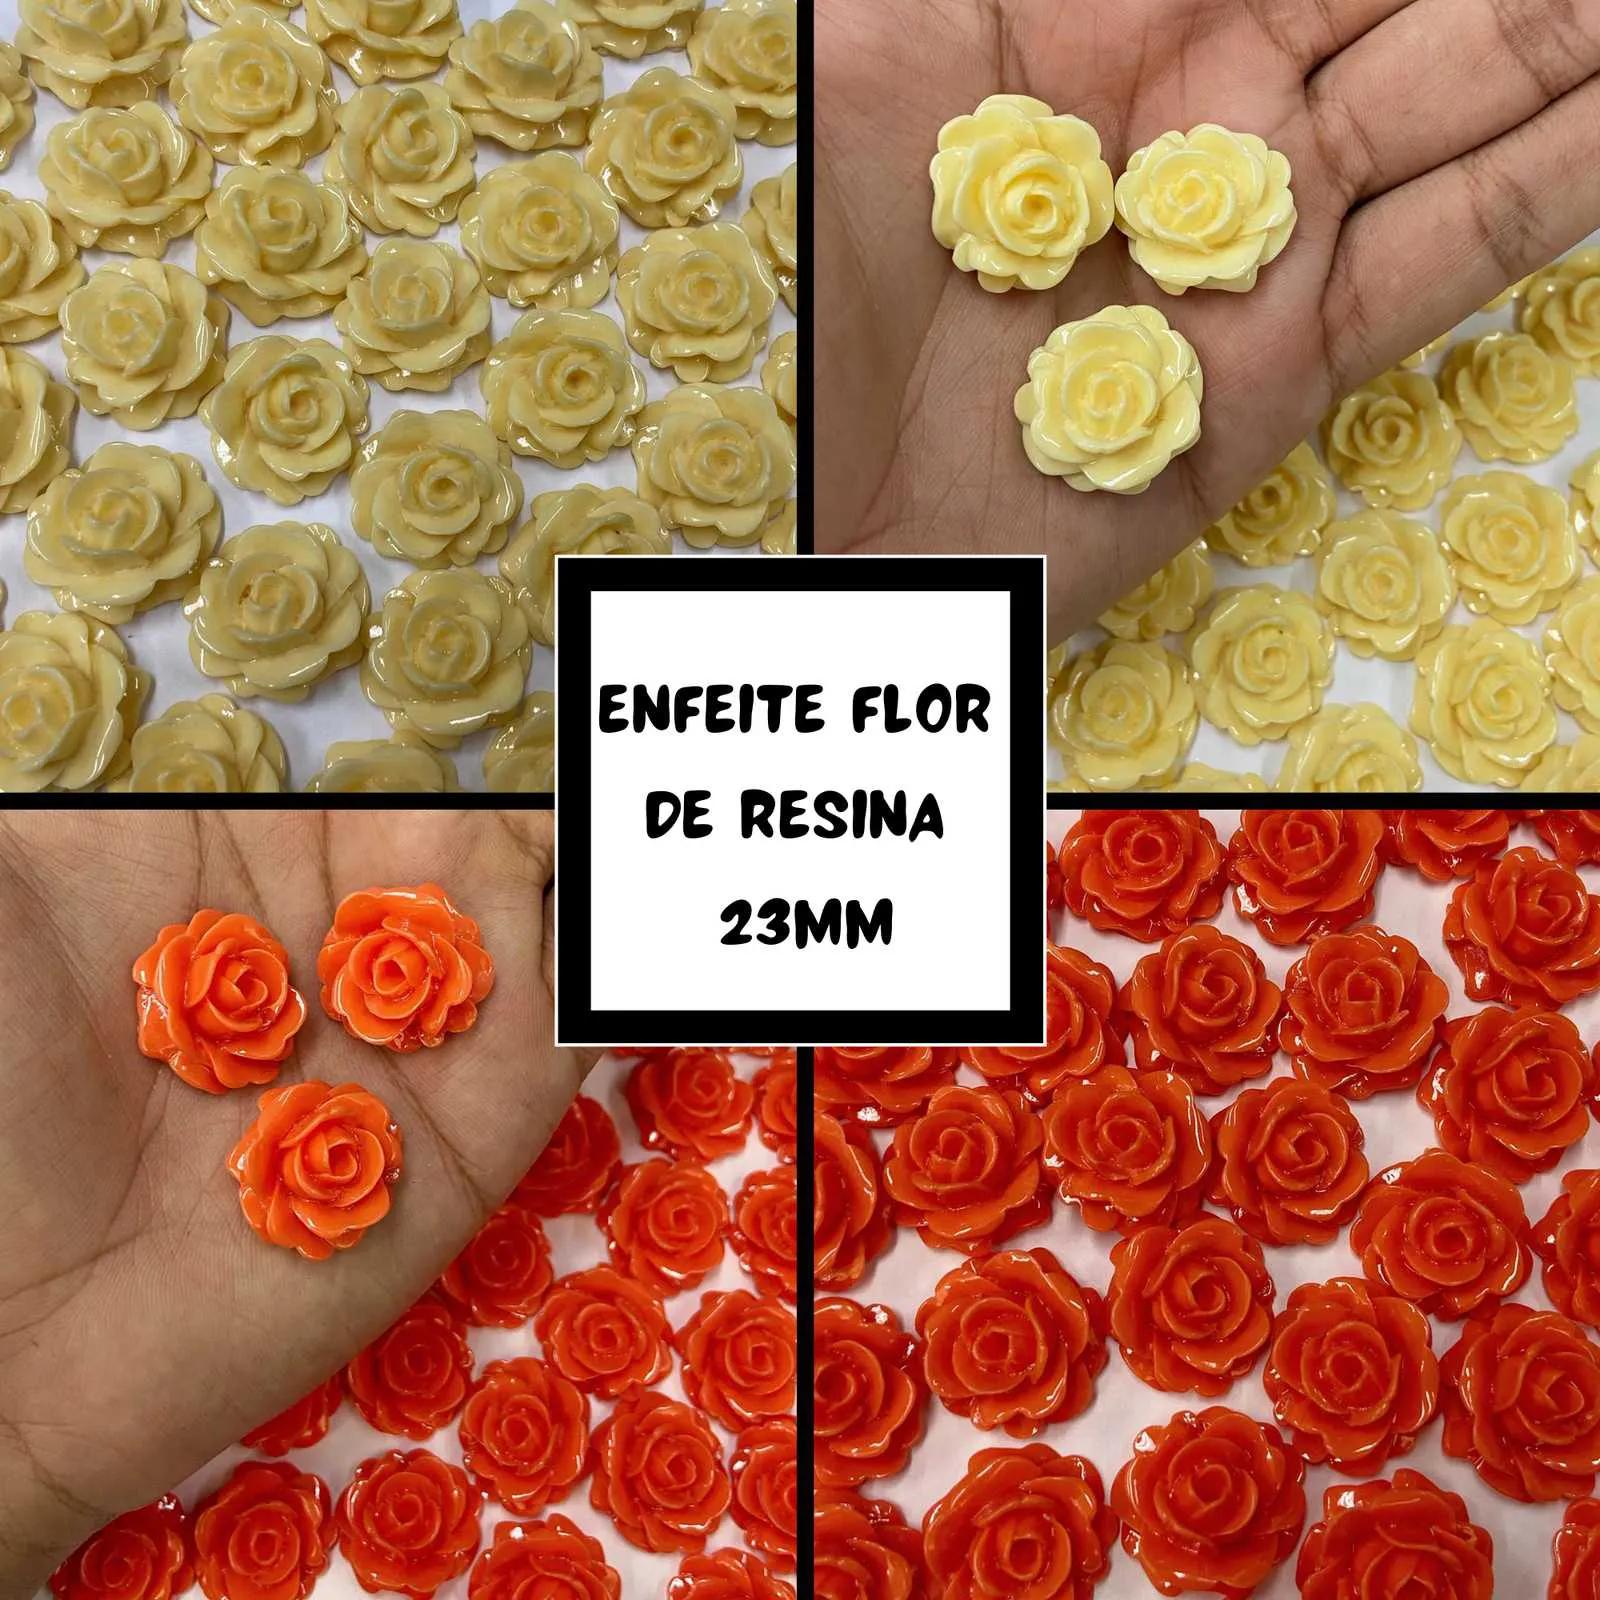 Enfeite Flor de Resina 23mm - 50 unidades